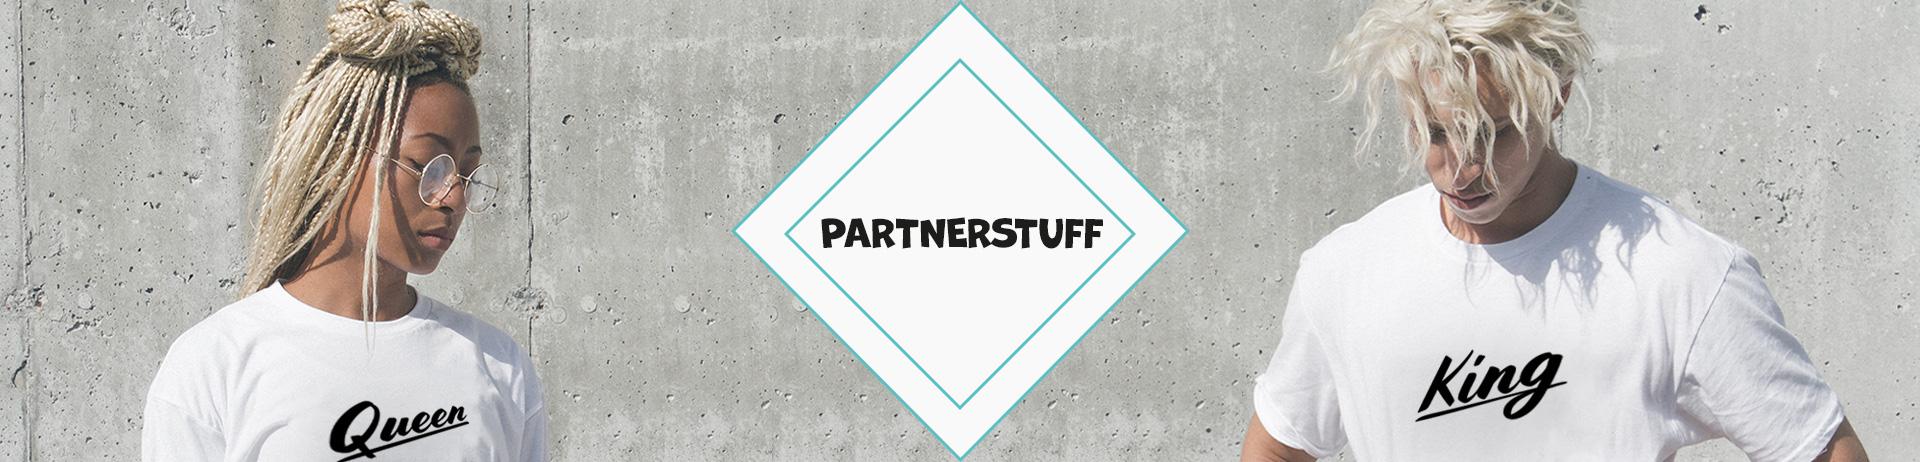 Pärchen Shirt - Partnerstuff Shirts | Herren